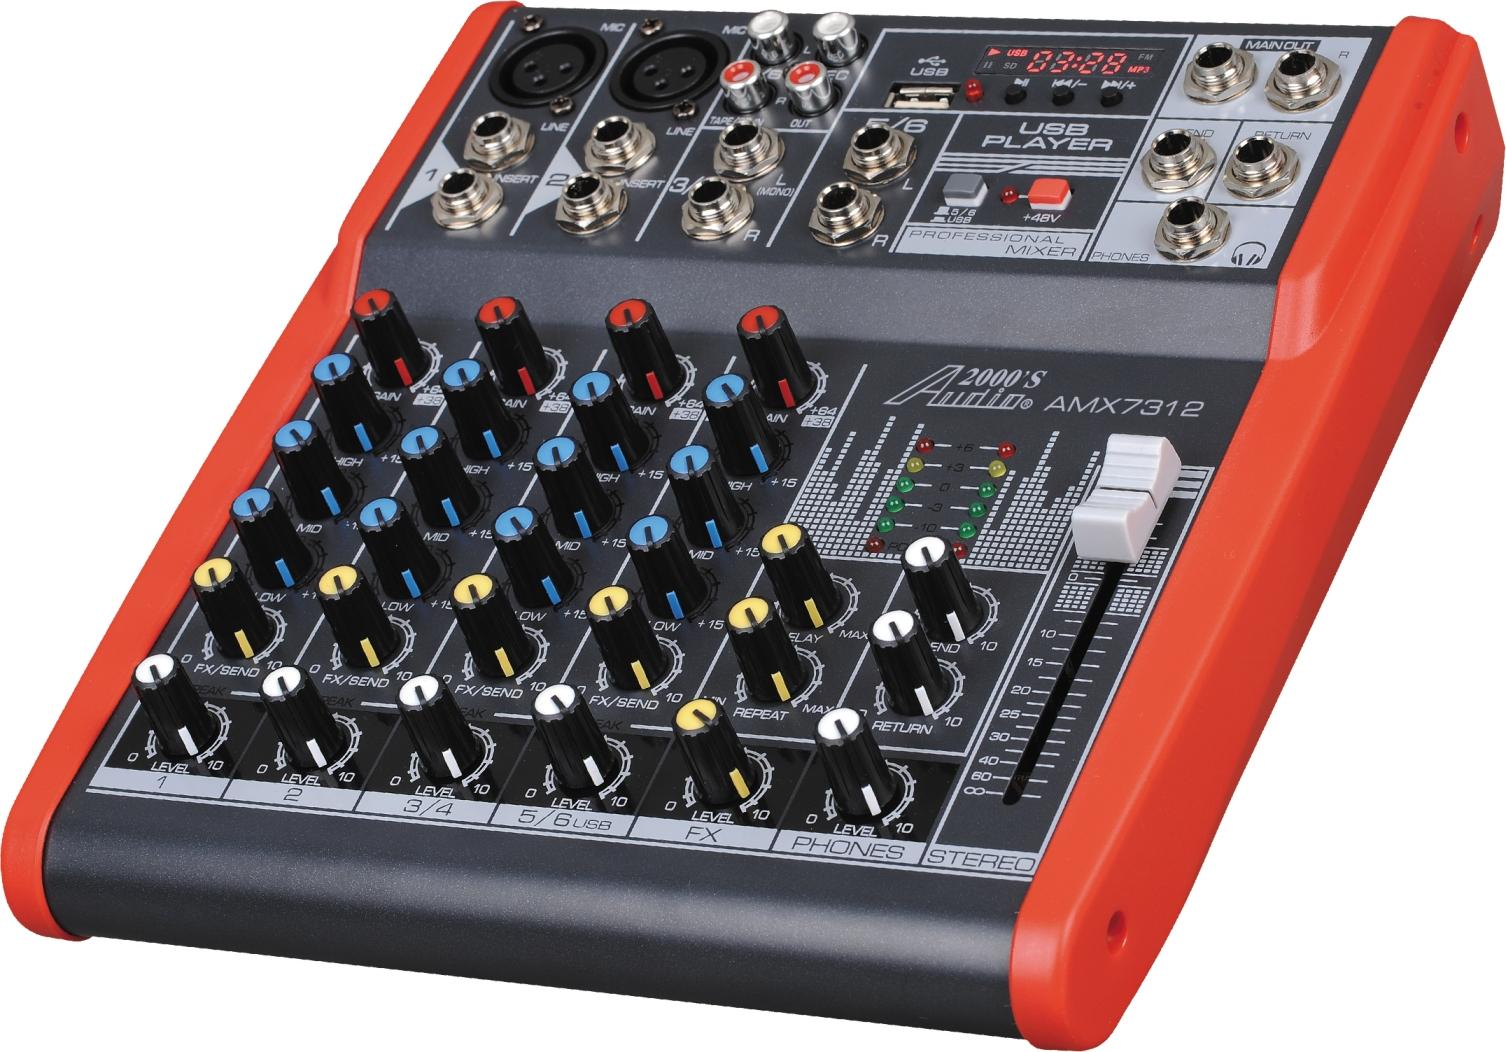 Mixers Amps 6 Channel Audio Mixer Amx7312 Amx7322